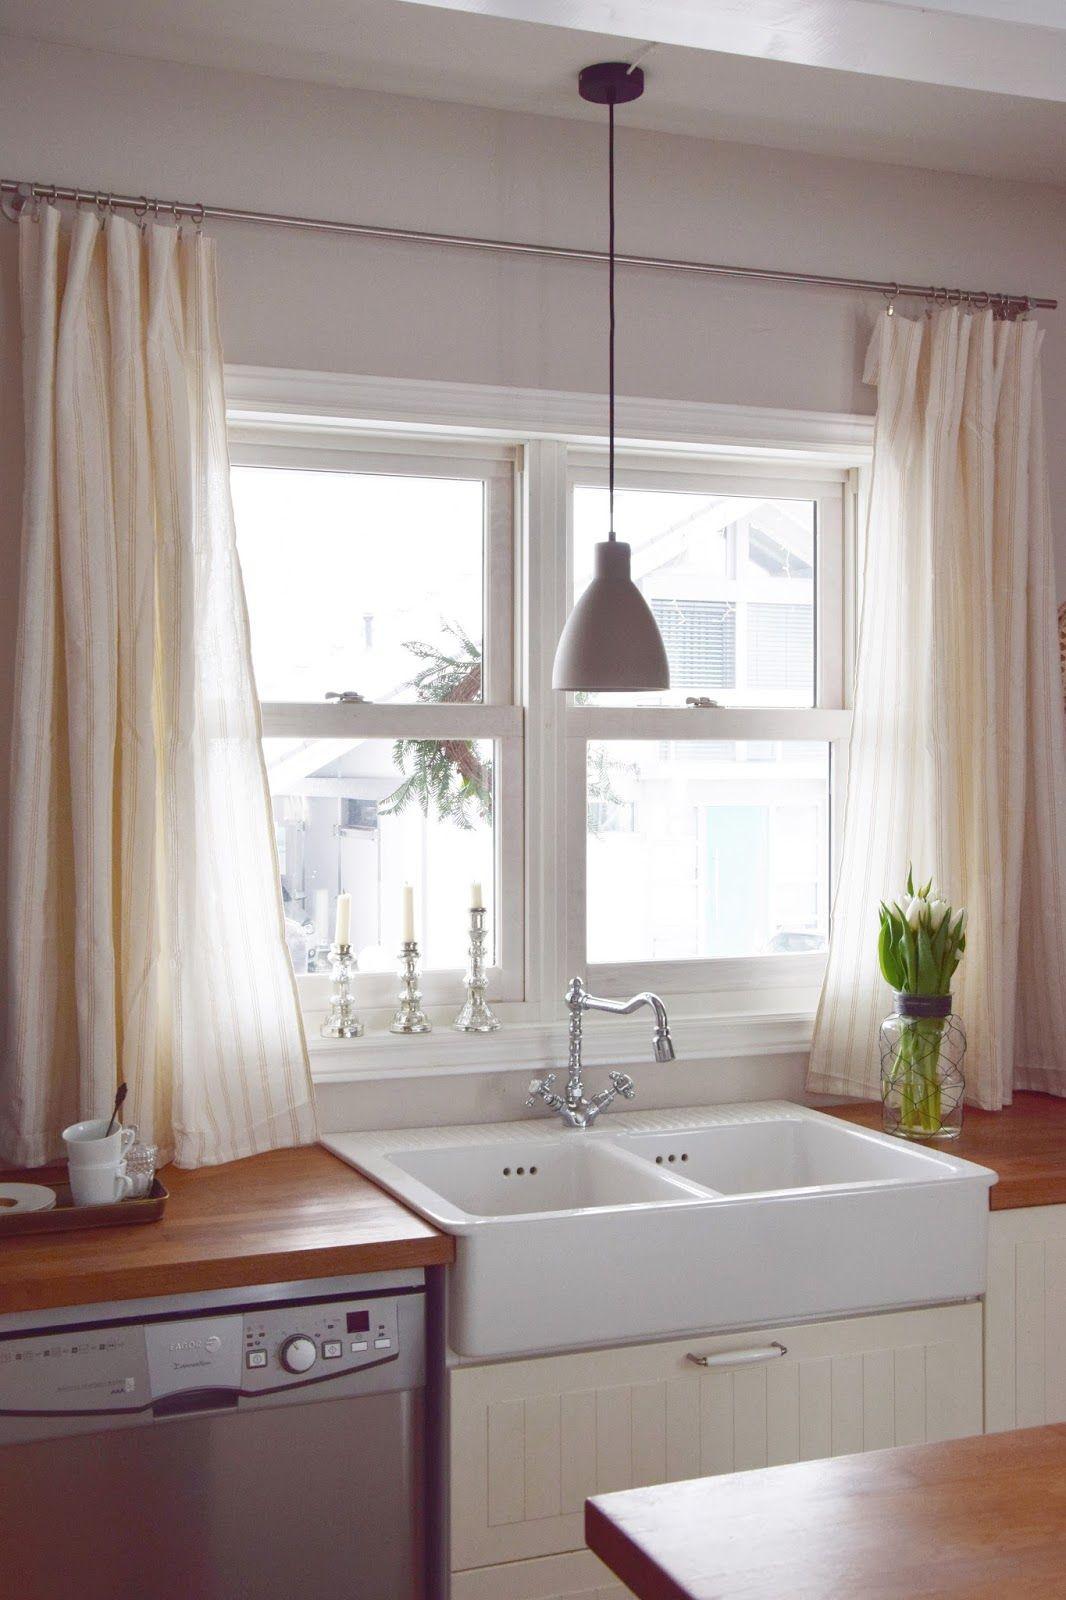 Full Size of Vorhang Küche Wie Ihr In 10 Minuten Aus Einer Tischdecke Einen Zaubert Blende Was Kostet Eine Neue Hochschrank Kaufen Ikea Nischenrückwand Ohne Küche Vorhang Küche